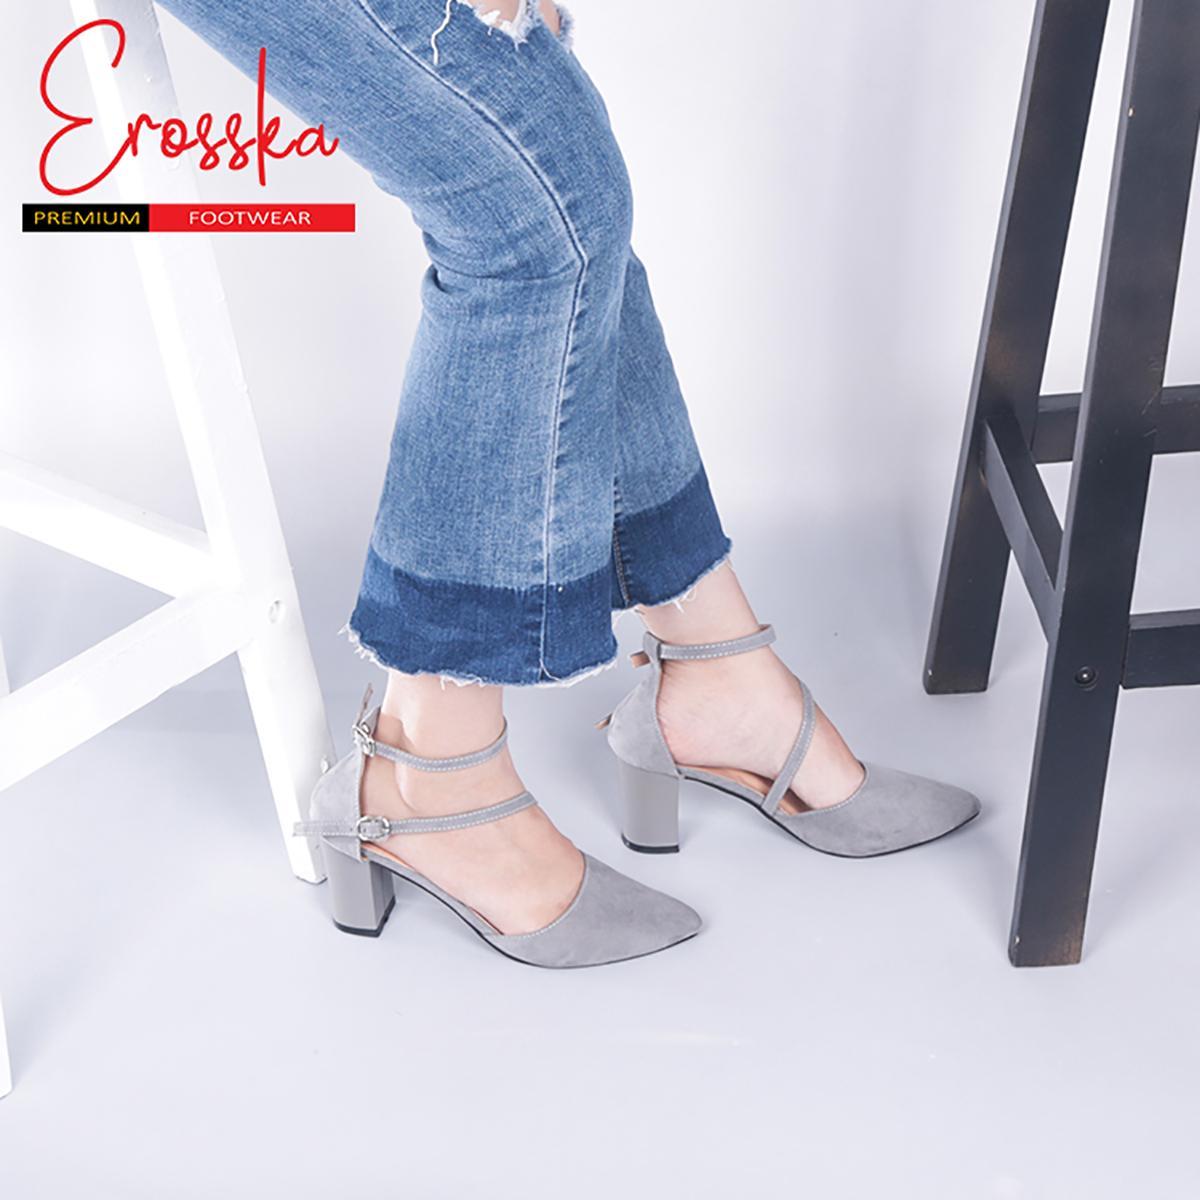 Giày Cao Gót Đế Vuông Erosska - ER002 .02